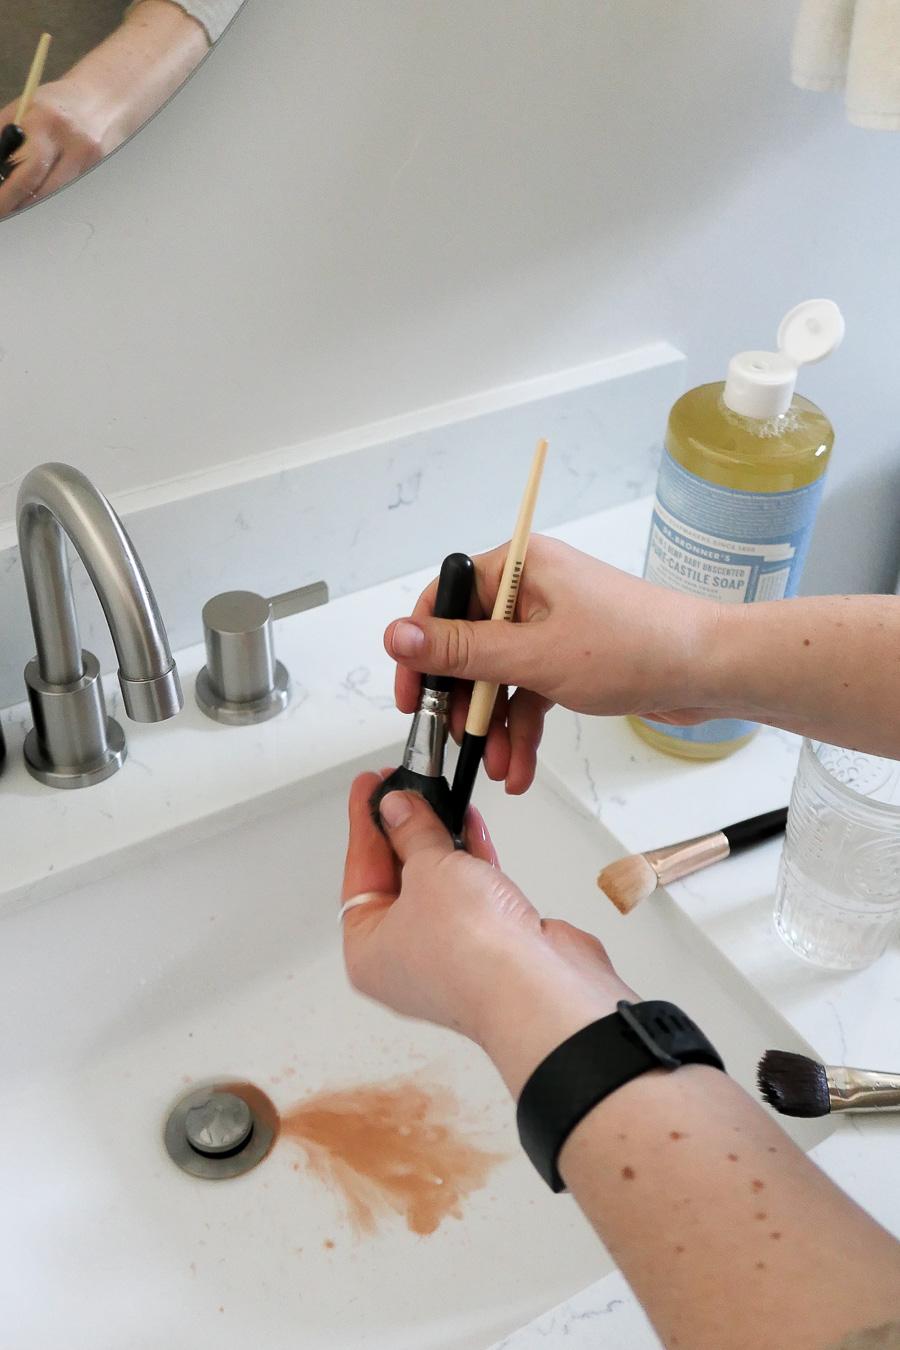 Castile Soap Brush Cleaning